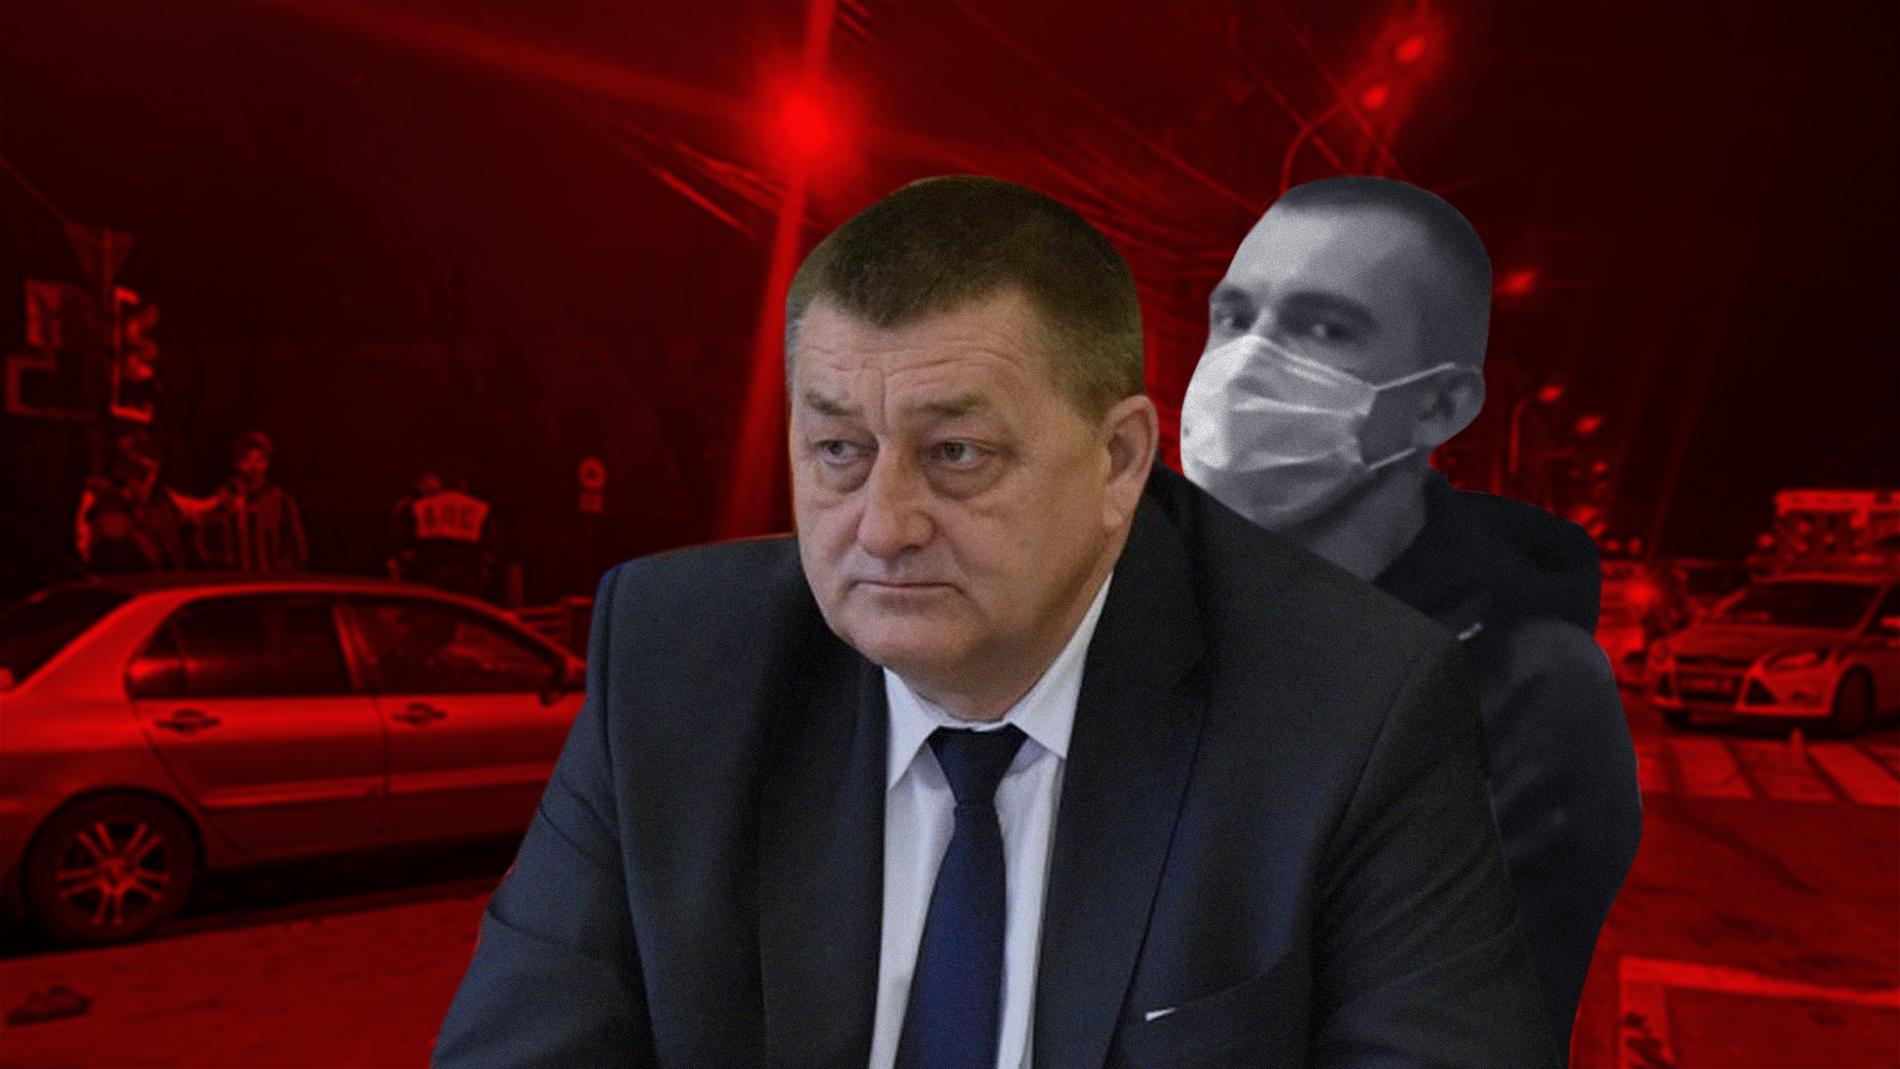 """<p>Коллаж ©LIFE. Фото © <a href=""""https://avchernov.ru/dtp/v-bryanske-vozbudyat-ugolovnoe-delo-posle-smertelnoj-avarii-s-synom-vitse-gubernatora/"""" target=""""_blank"""" rel=""""noopener noreferrer"""">avchernov.ru</a>, """"<a href=""""https://bryansku.ru/2020/09/21/bryanskiy-vitse-gubernator-rezunov-sdelal-zayavlenie-po-dtp-s-uchastiem-syna/"""" target=""""_blank"""" rel=""""noopener noreferrer"""">Брянская улица</a>"""", """"<a href=""""https://avchernov.ru/kriminal/v-bryanske-reshaetsya-vopros-ob-areste-syna-vitse-gubernatora-rezunova/"""" target=""""_blank"""" rel=""""noopener noreferrer"""">Брянский ворчун</a>""""</p>"""